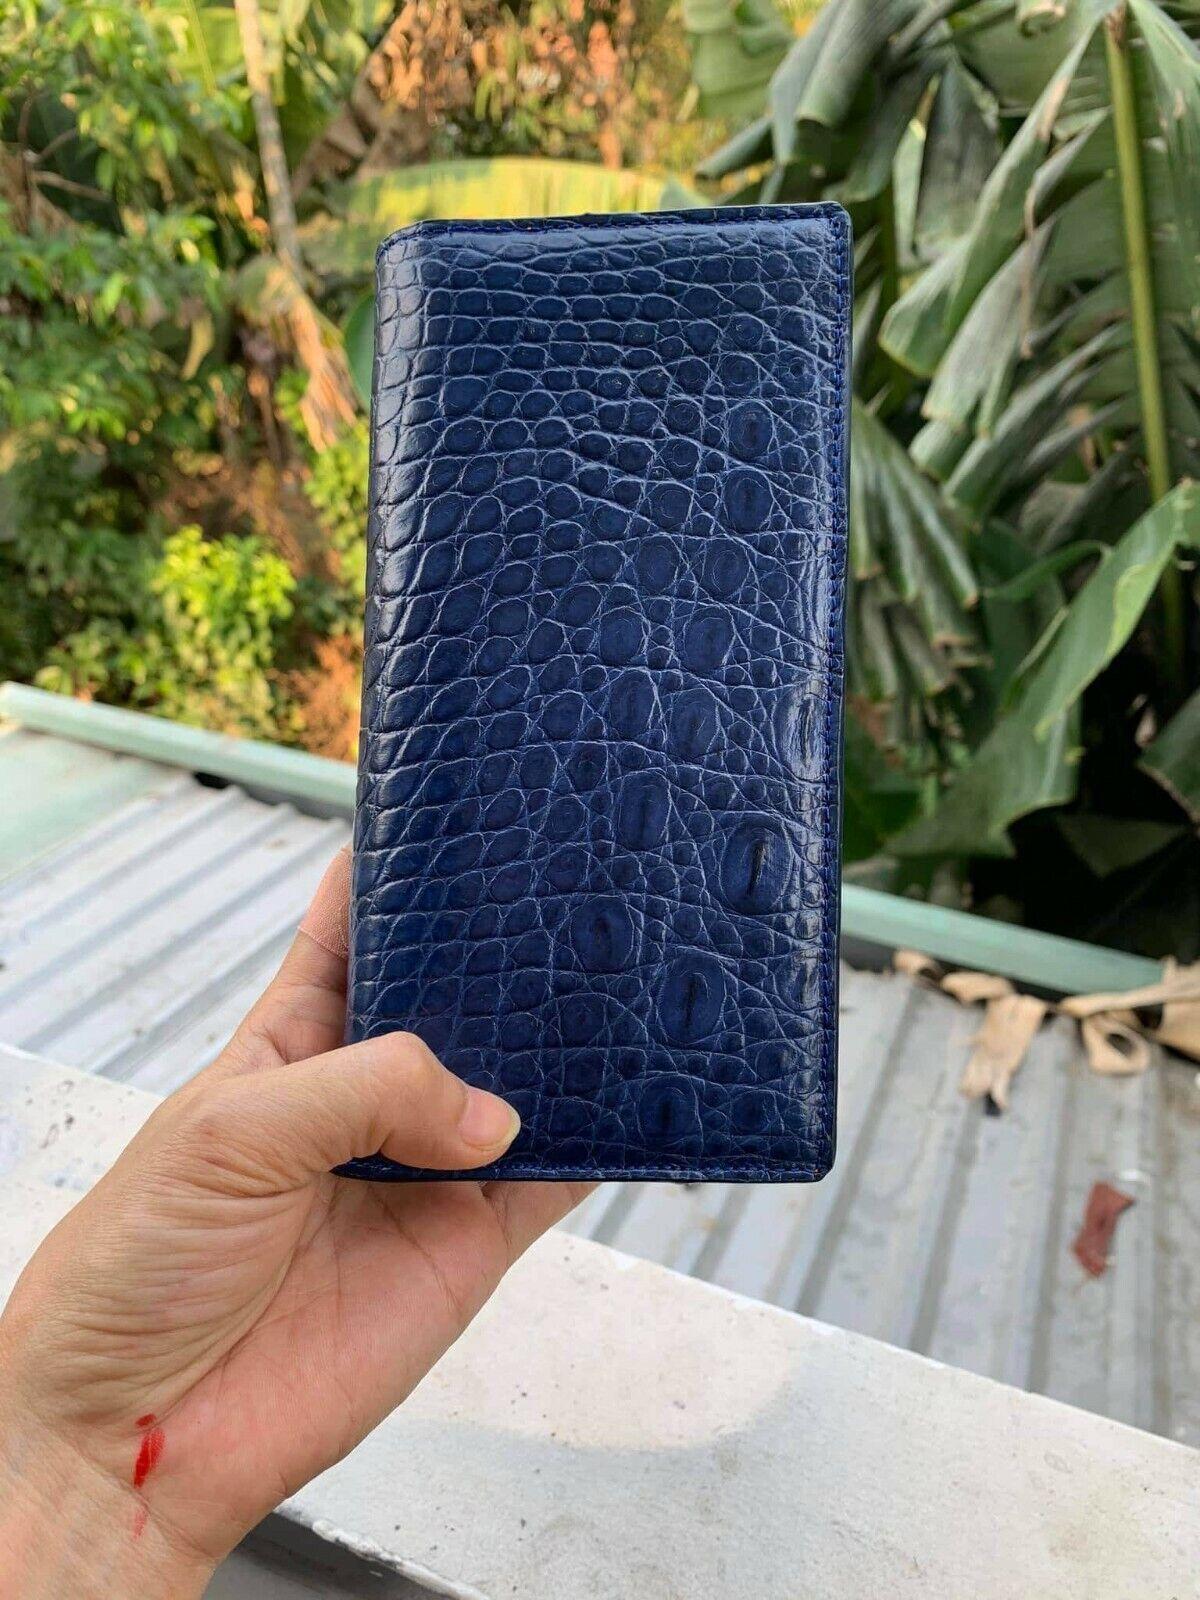 doubleside Crocodile Alligator Belly Leather Zipper Clutch Long Wallet